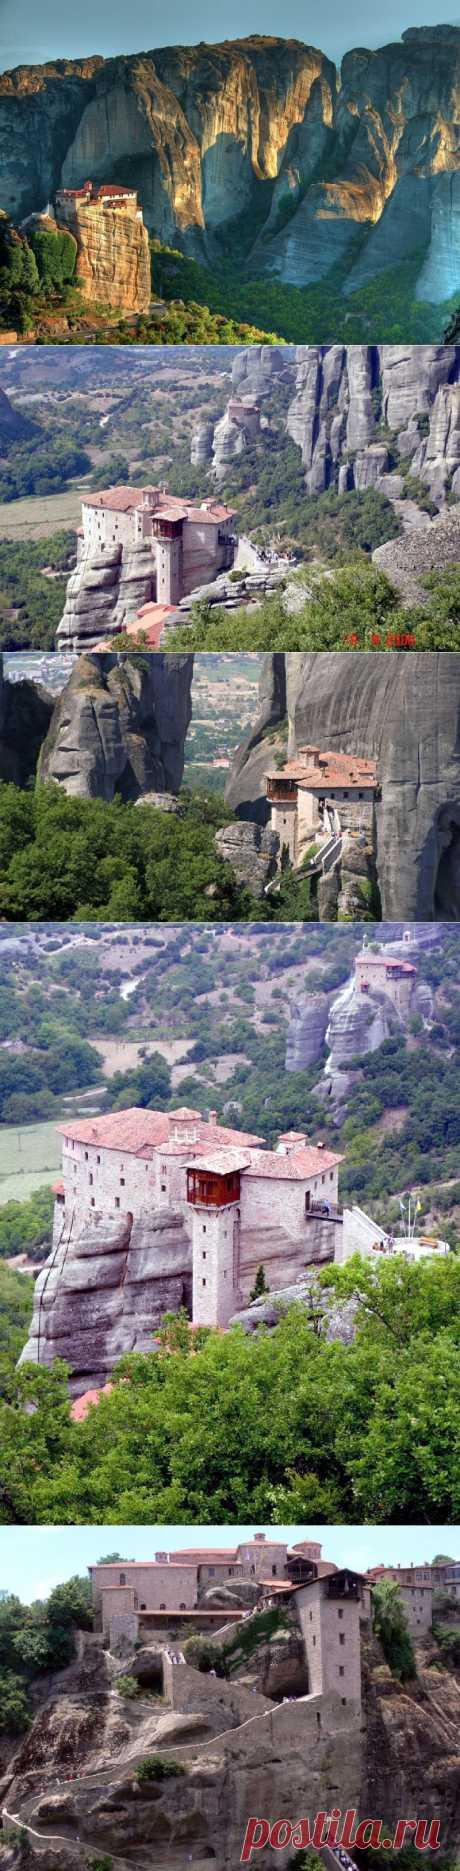 Греческие монастыри - метеоры.